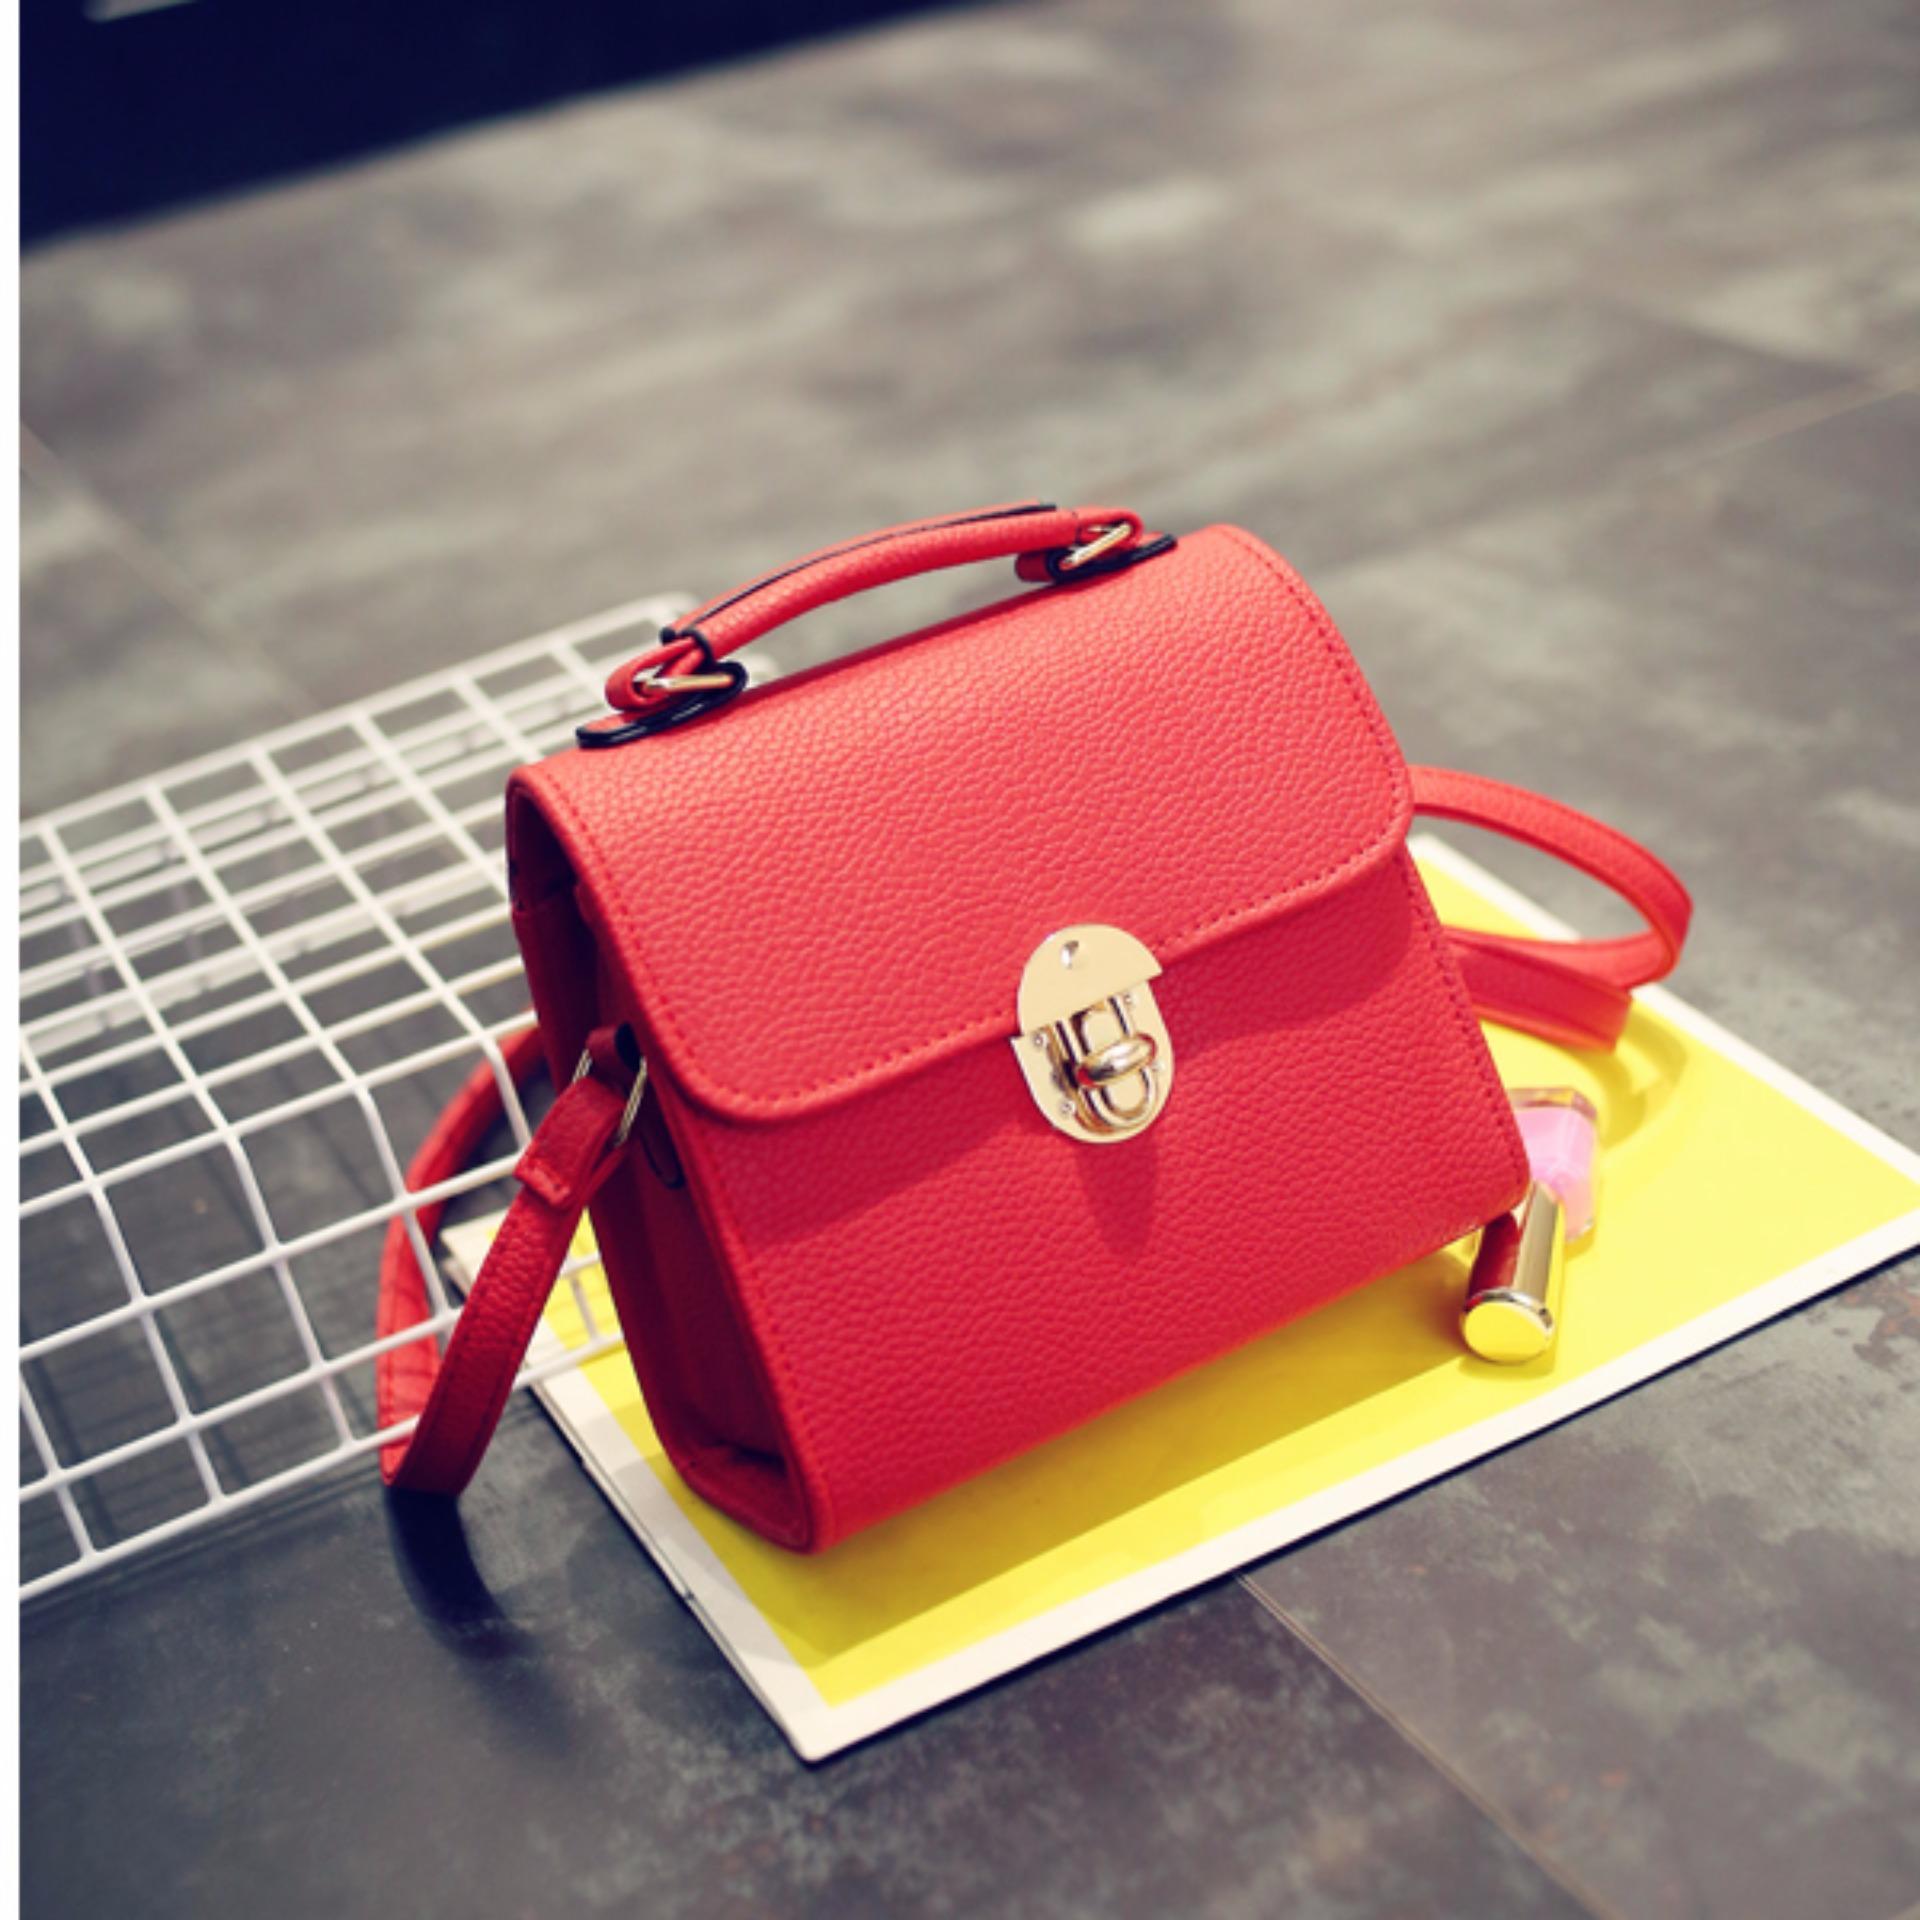 Vona Ferris Merah Tas Shoulder Sling Clutch Bag Tassel Rumbai Jahitan Rapi Dan Kuat Fashion 2112 Import Wanita Korean Style